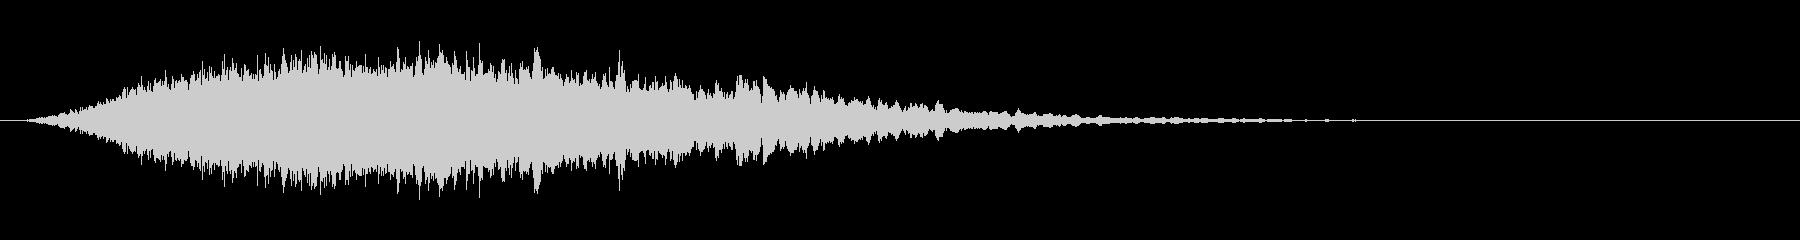 高弦楽器アクセントの未再生の波形